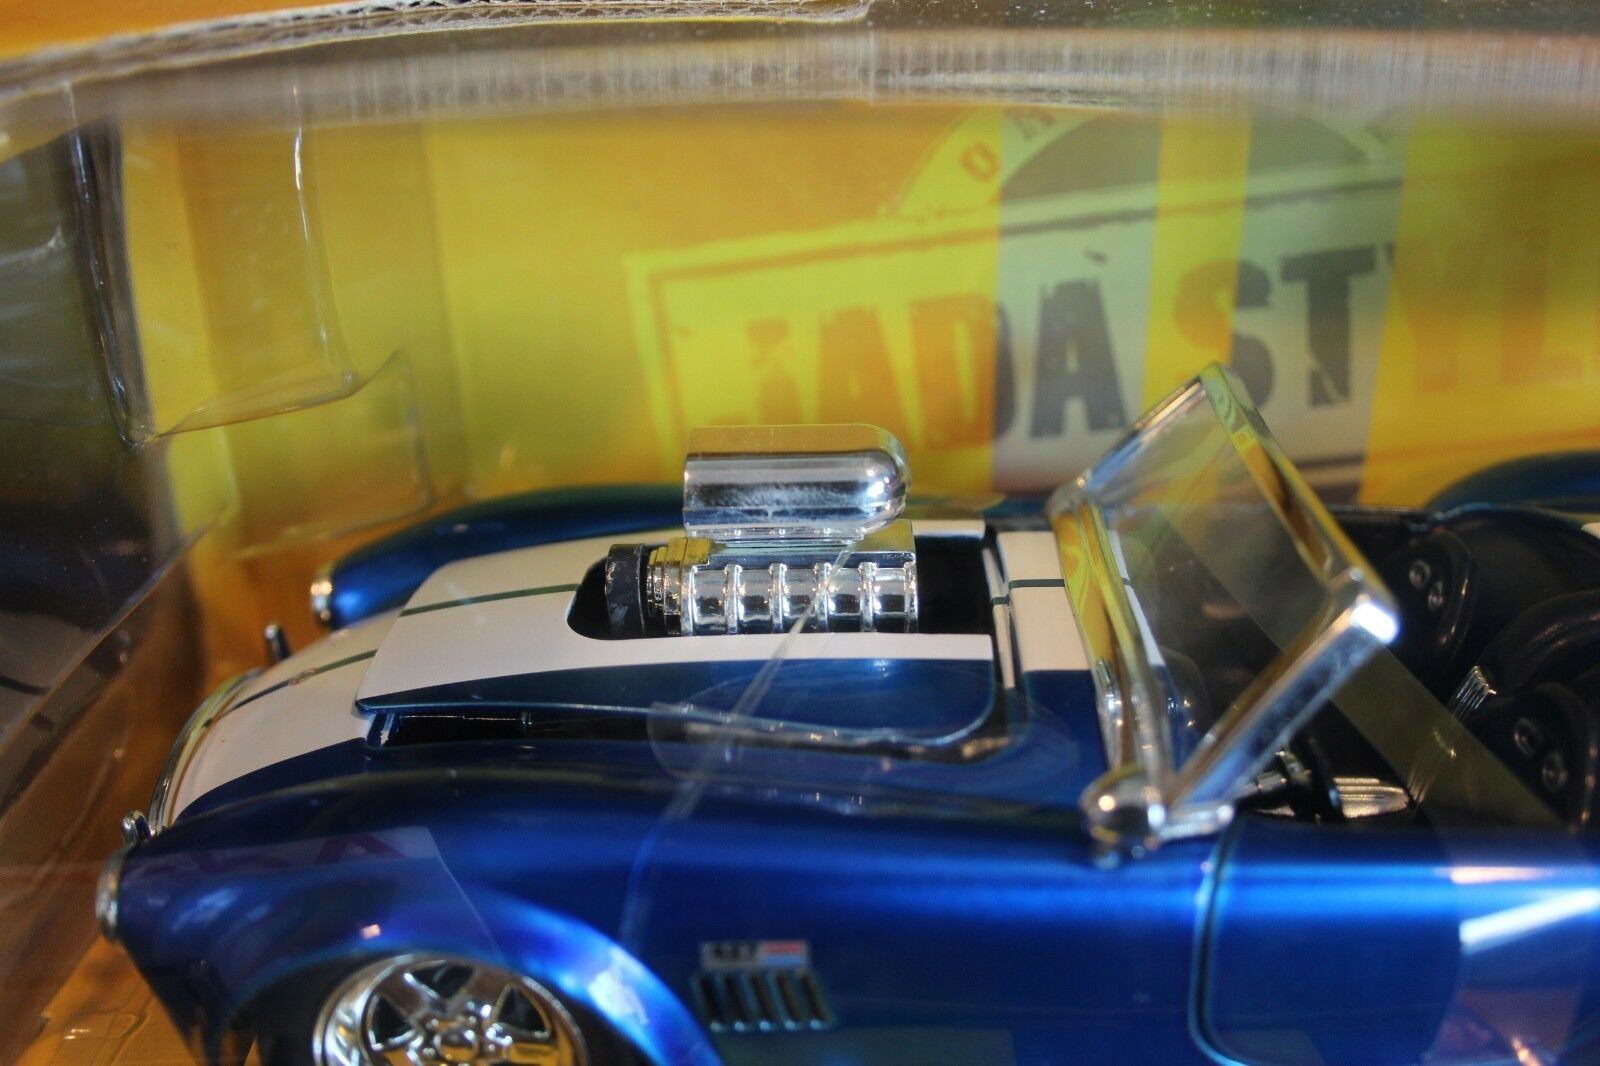 Jada 1965 Shelby Shelby Shelby Cobra 427 blower 1 24 blu with bianca stripes (MG1) 7638f0